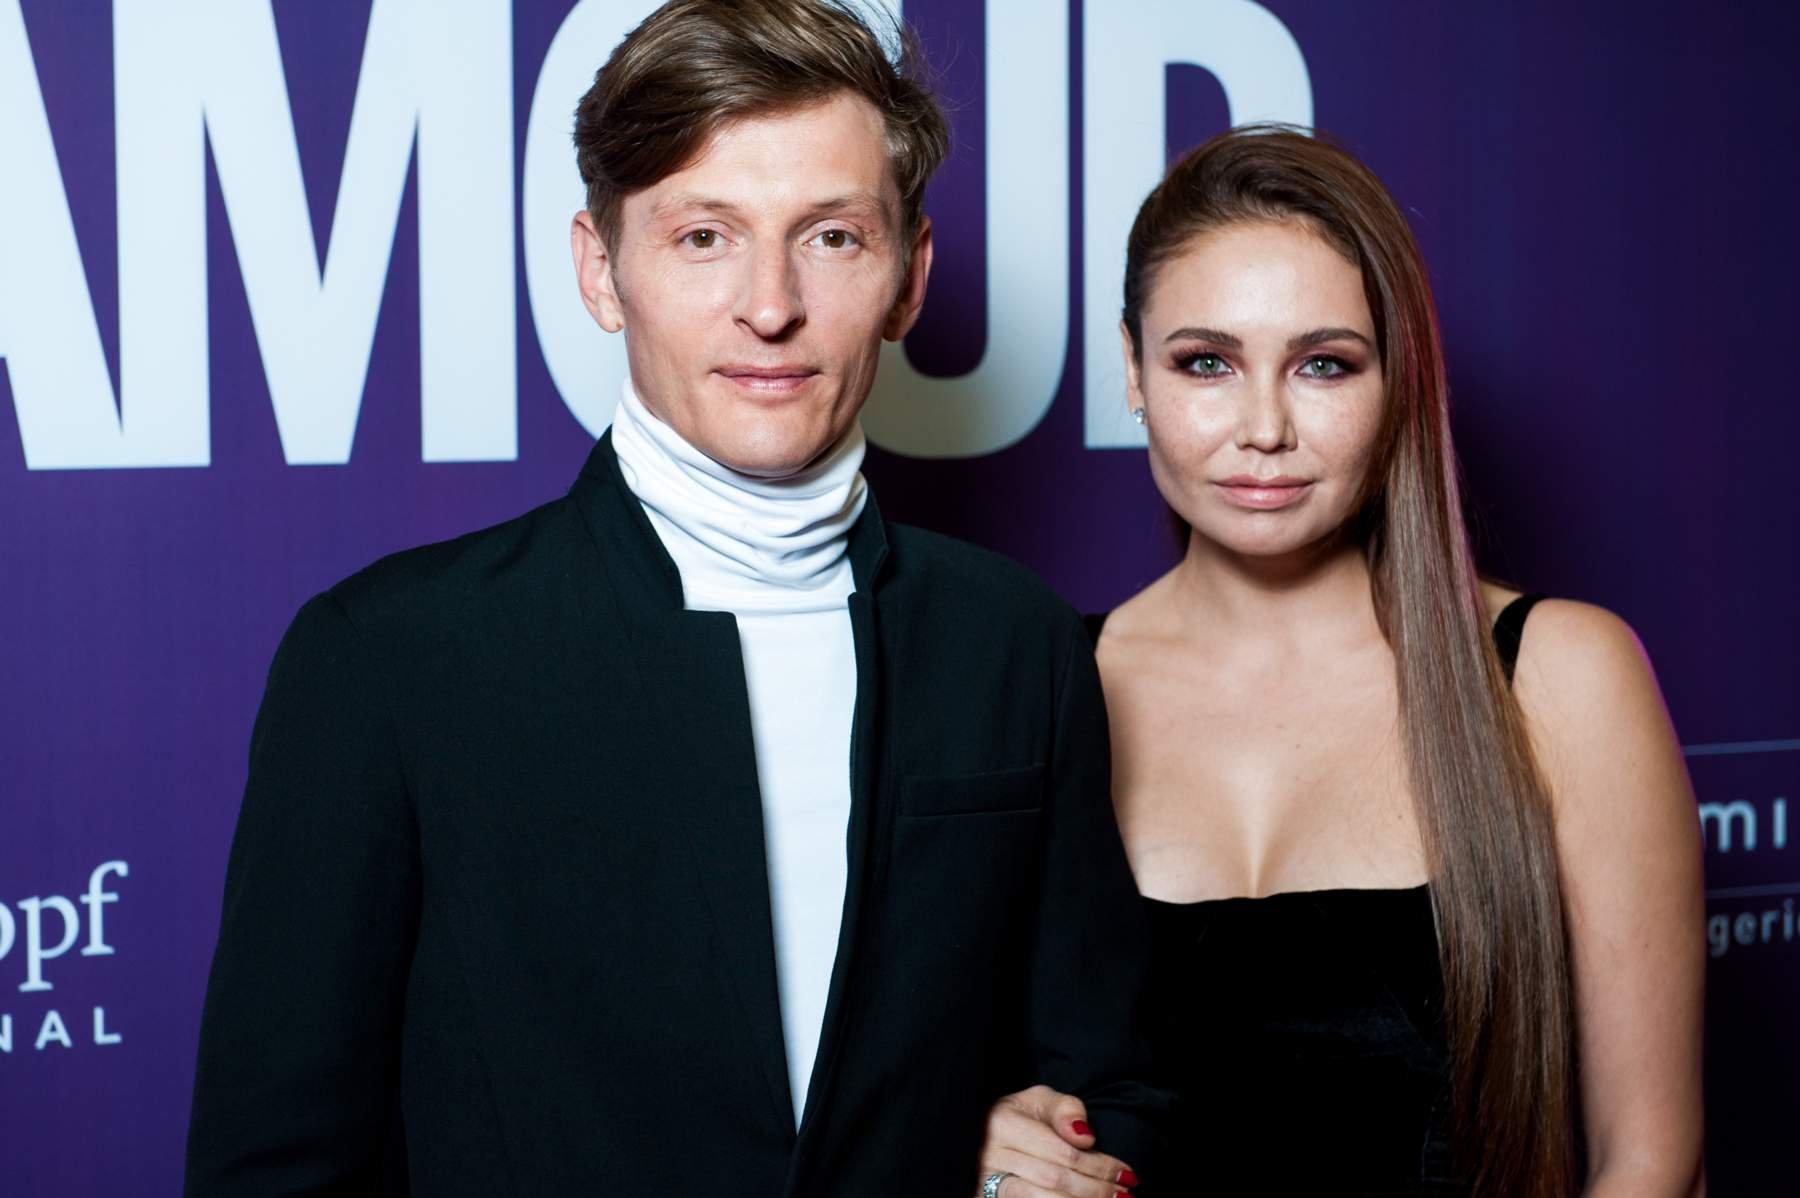 Павел Воля трогательно поздравил жену с днем рождения